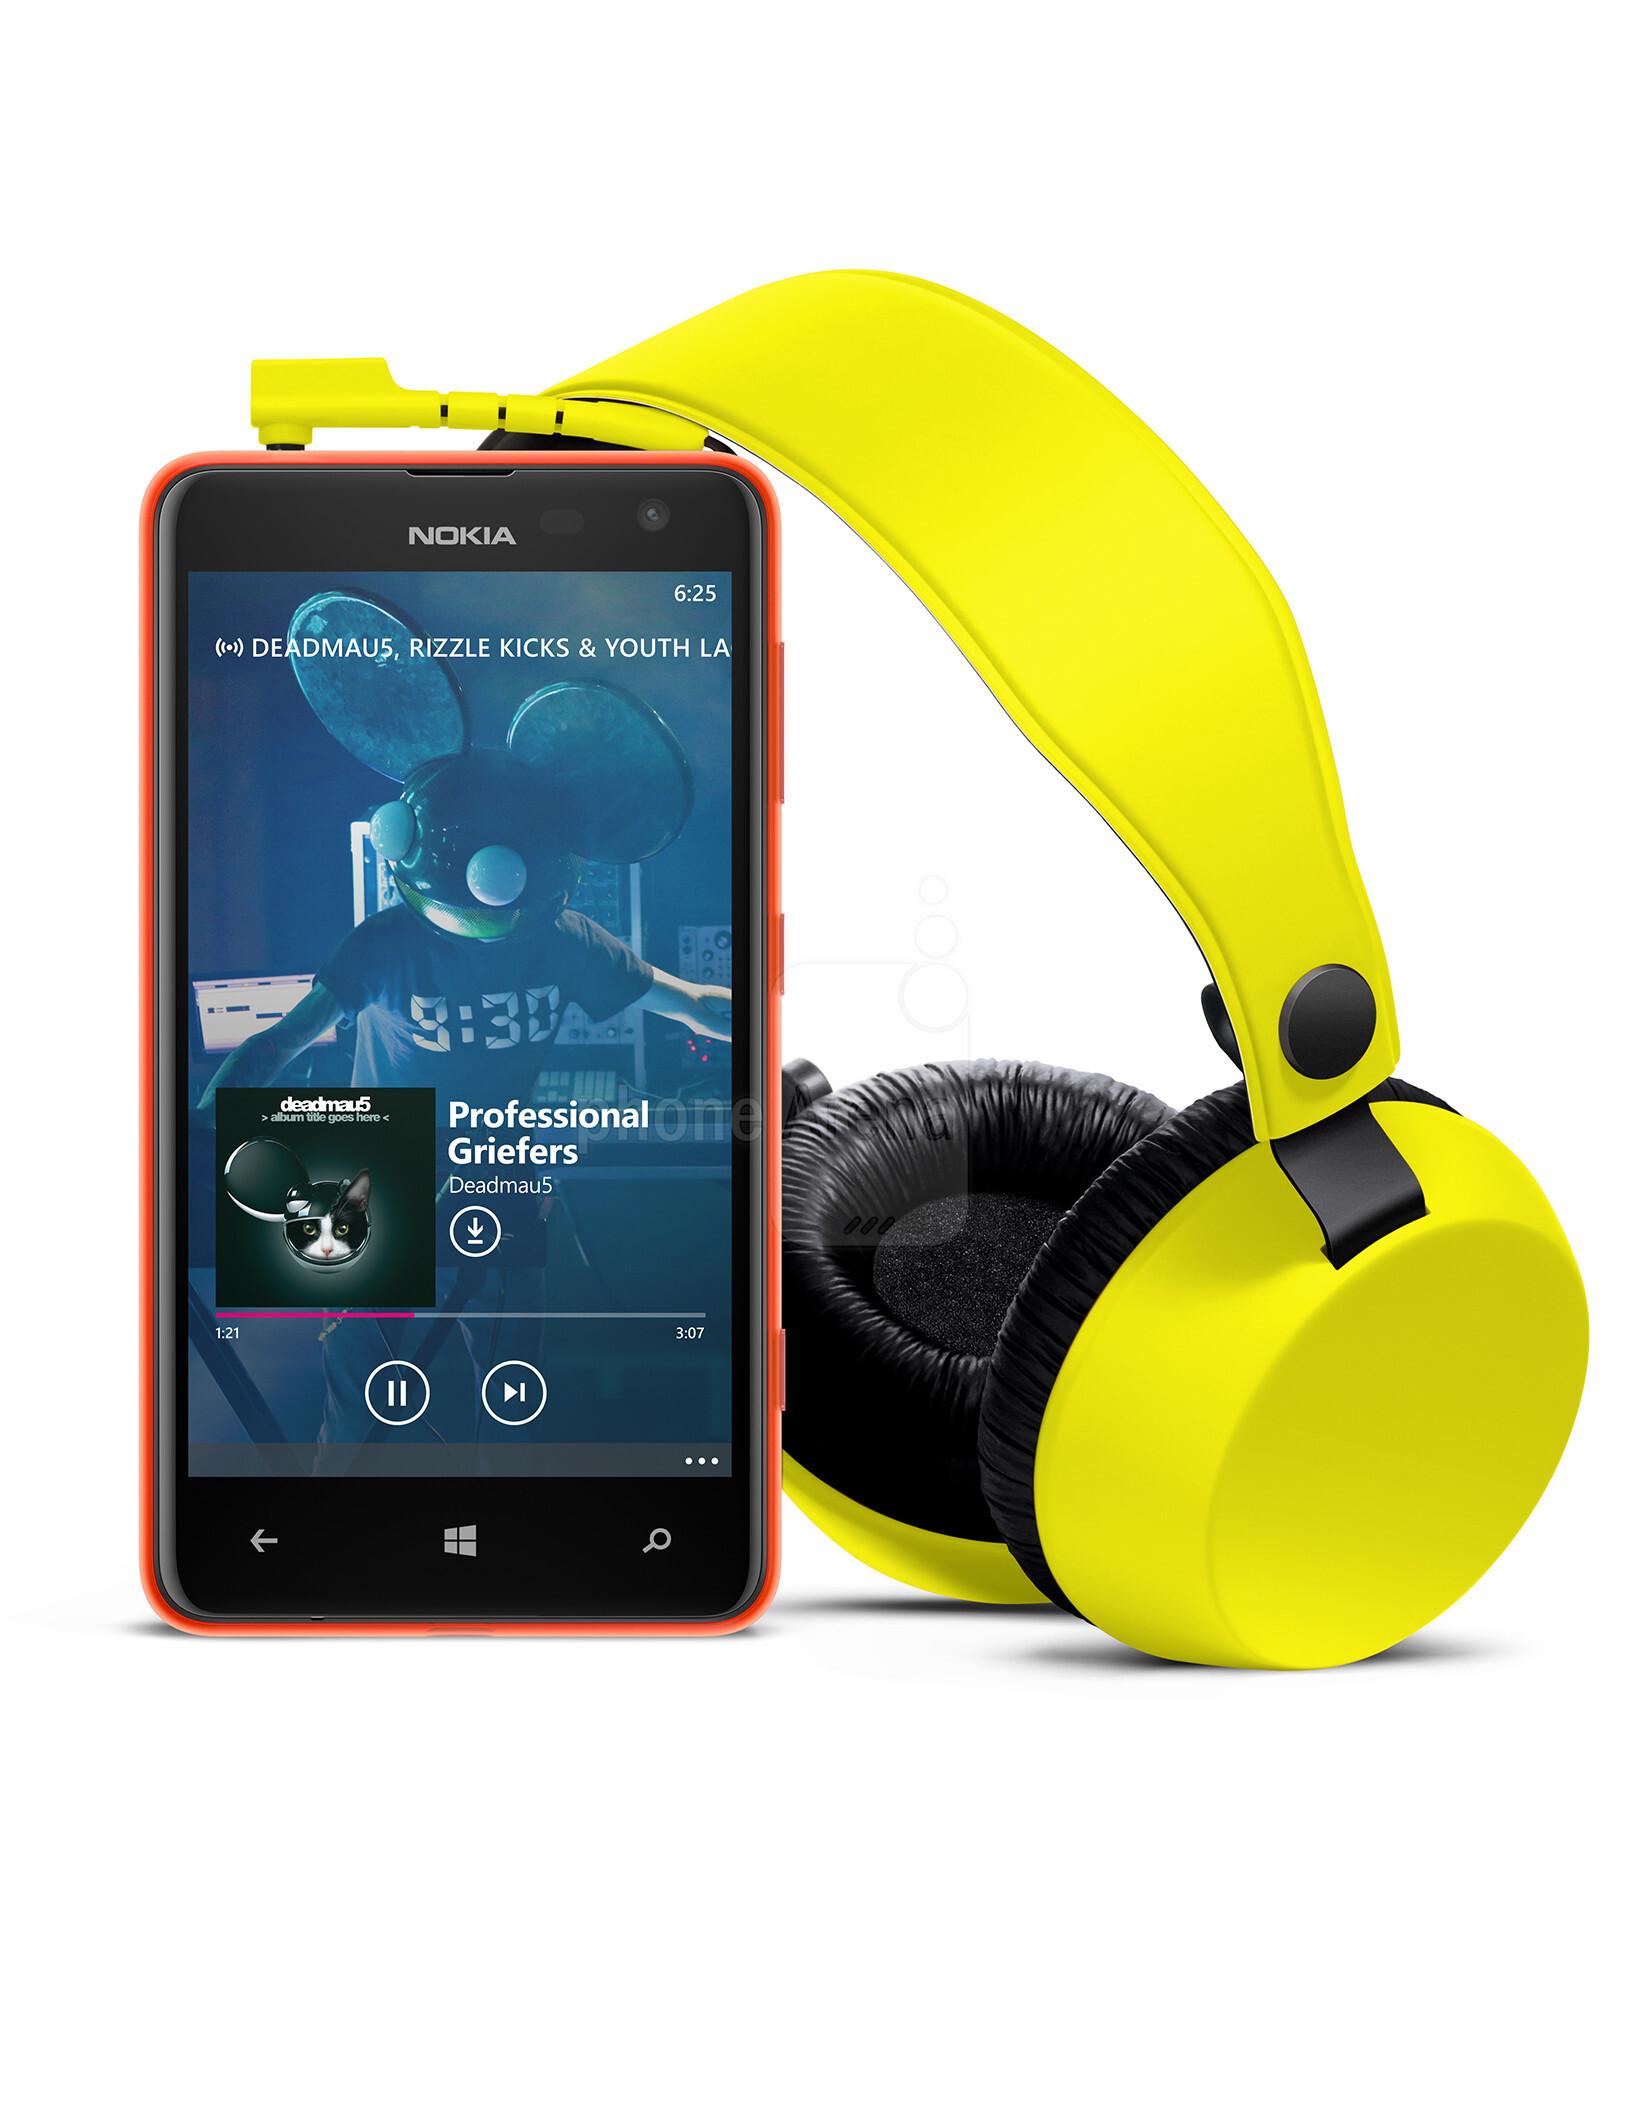 Nokia lumia 625 specs